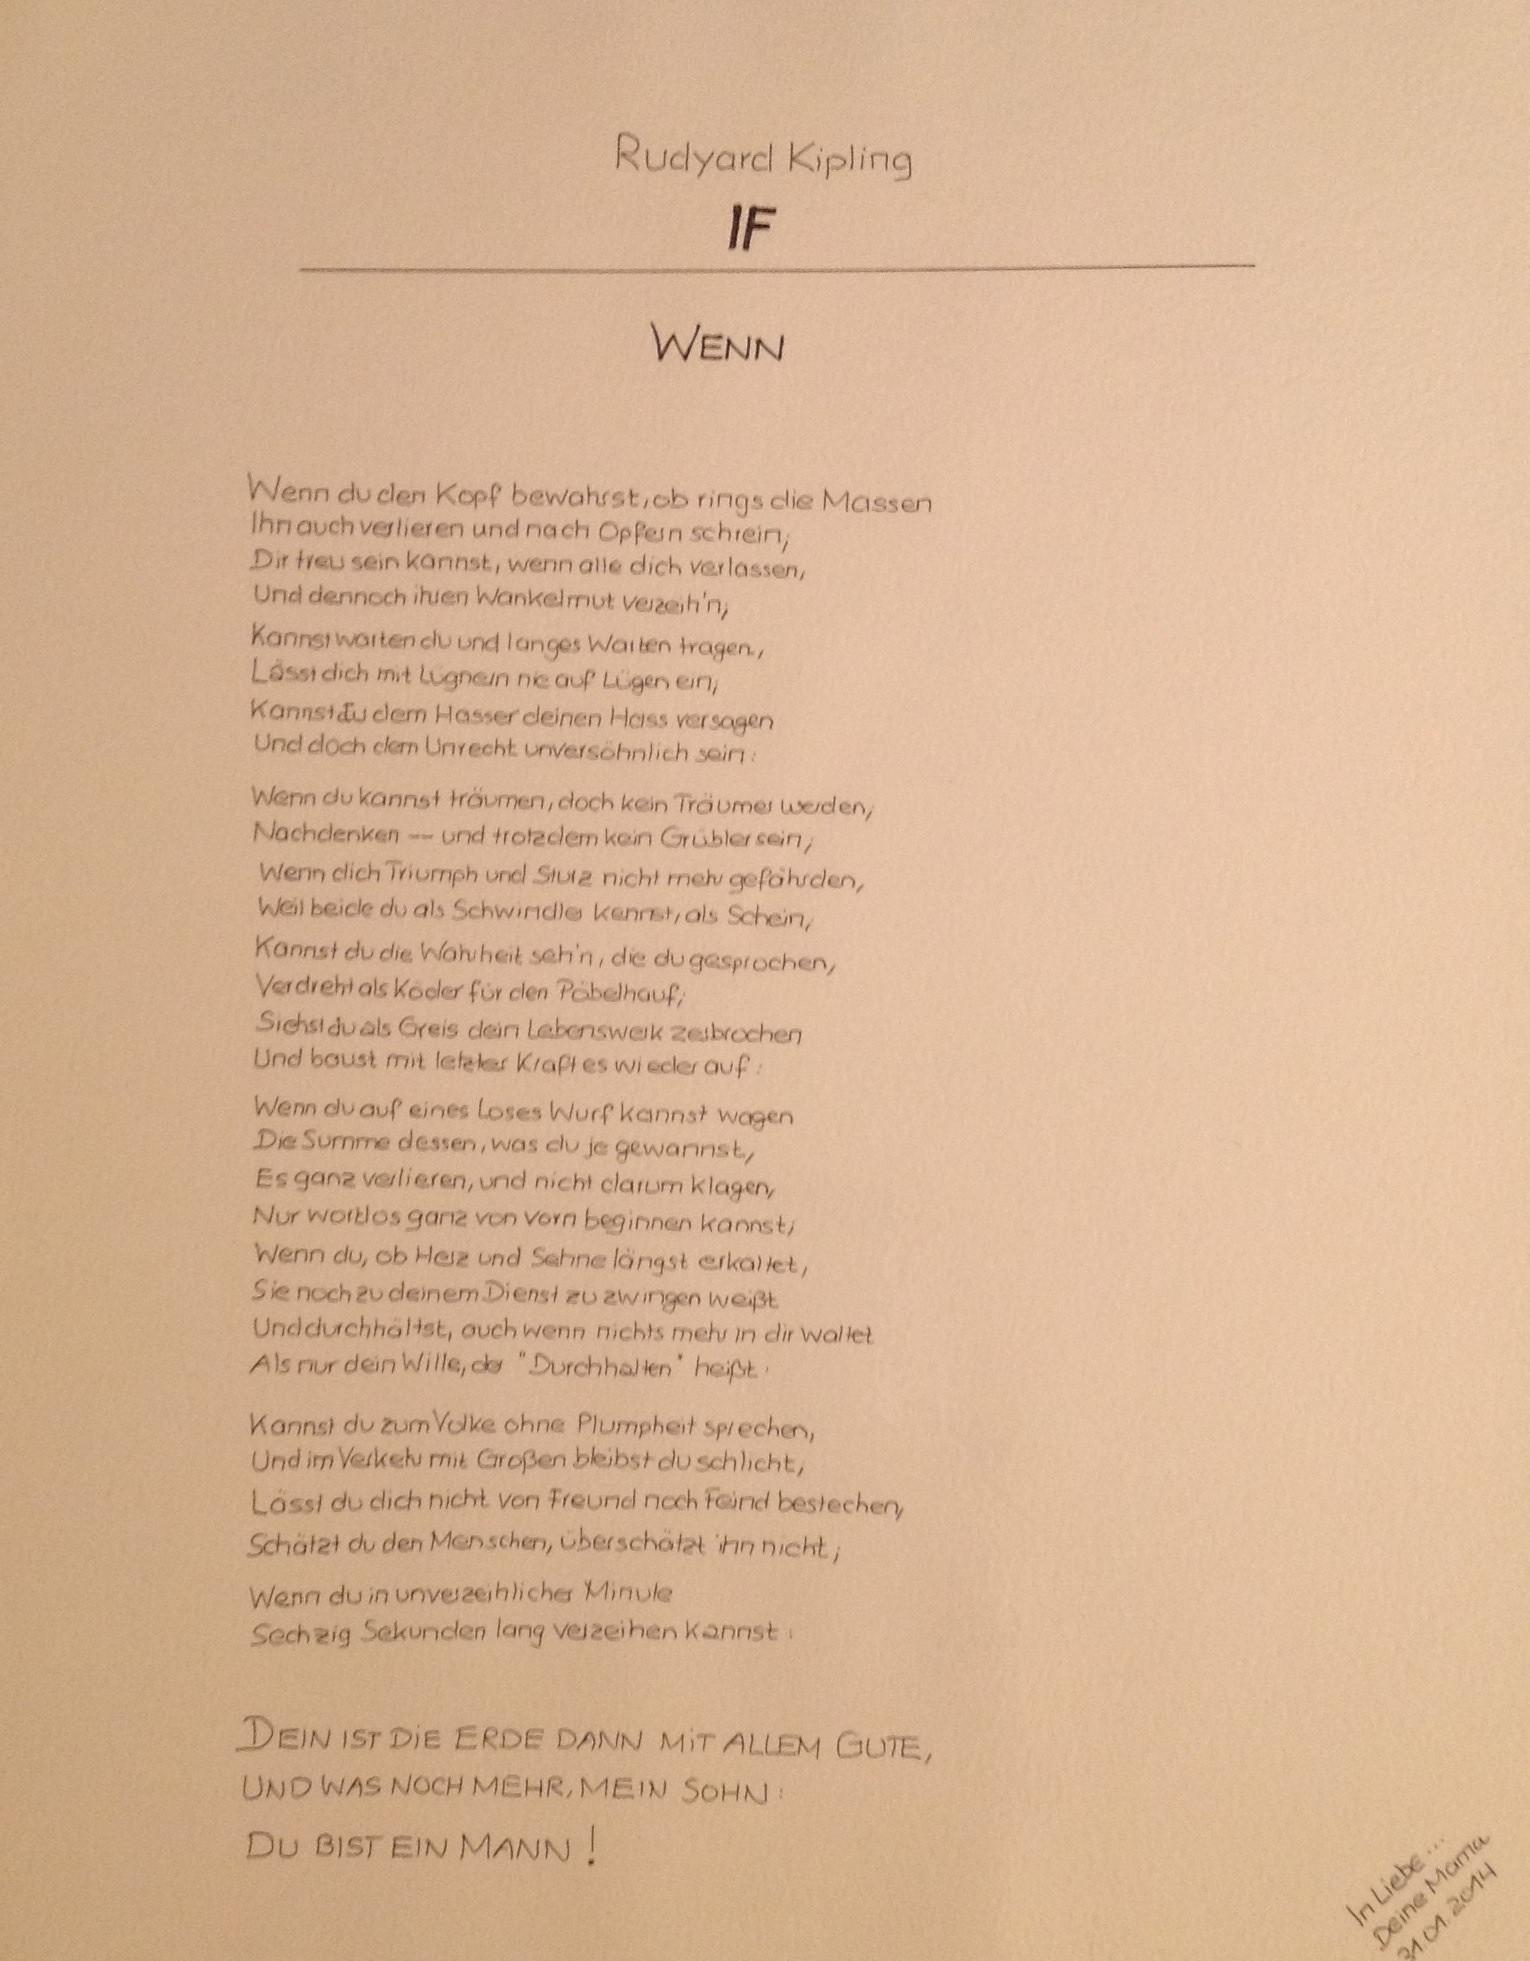 IF from R. Kipling (deutsche Übersetzung)